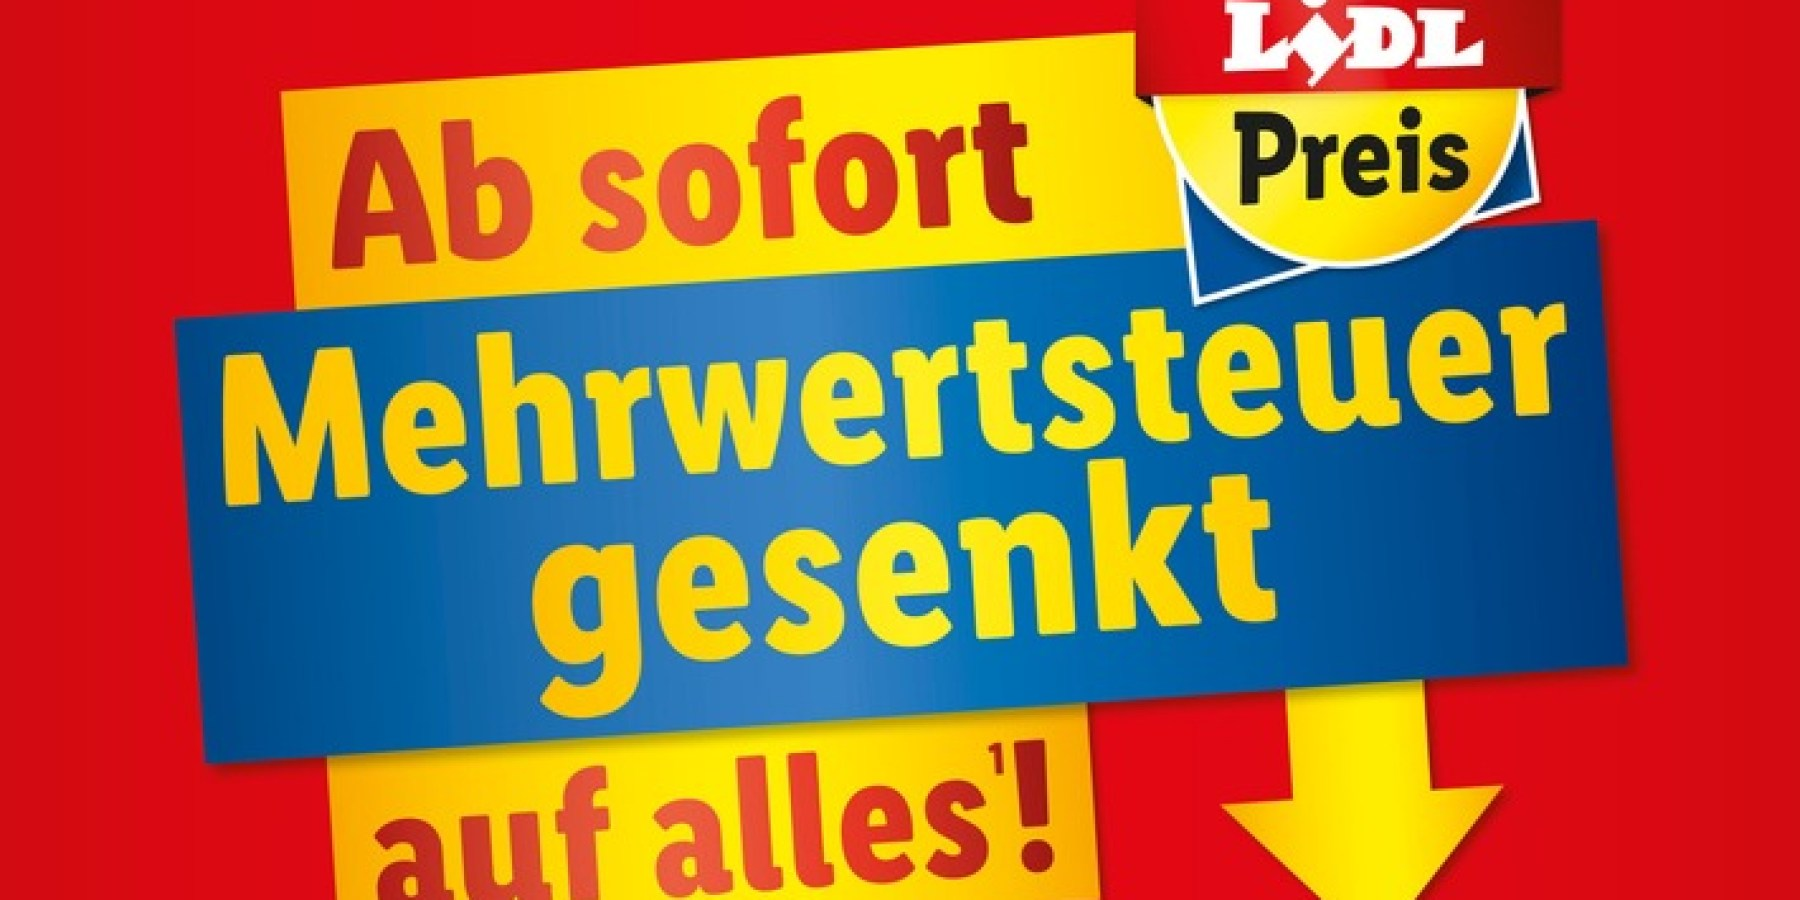 Schon jetzt Mehrwertsteuer runter: Vorreiter Lidl startet am 22. Juni mit der Preissenkung